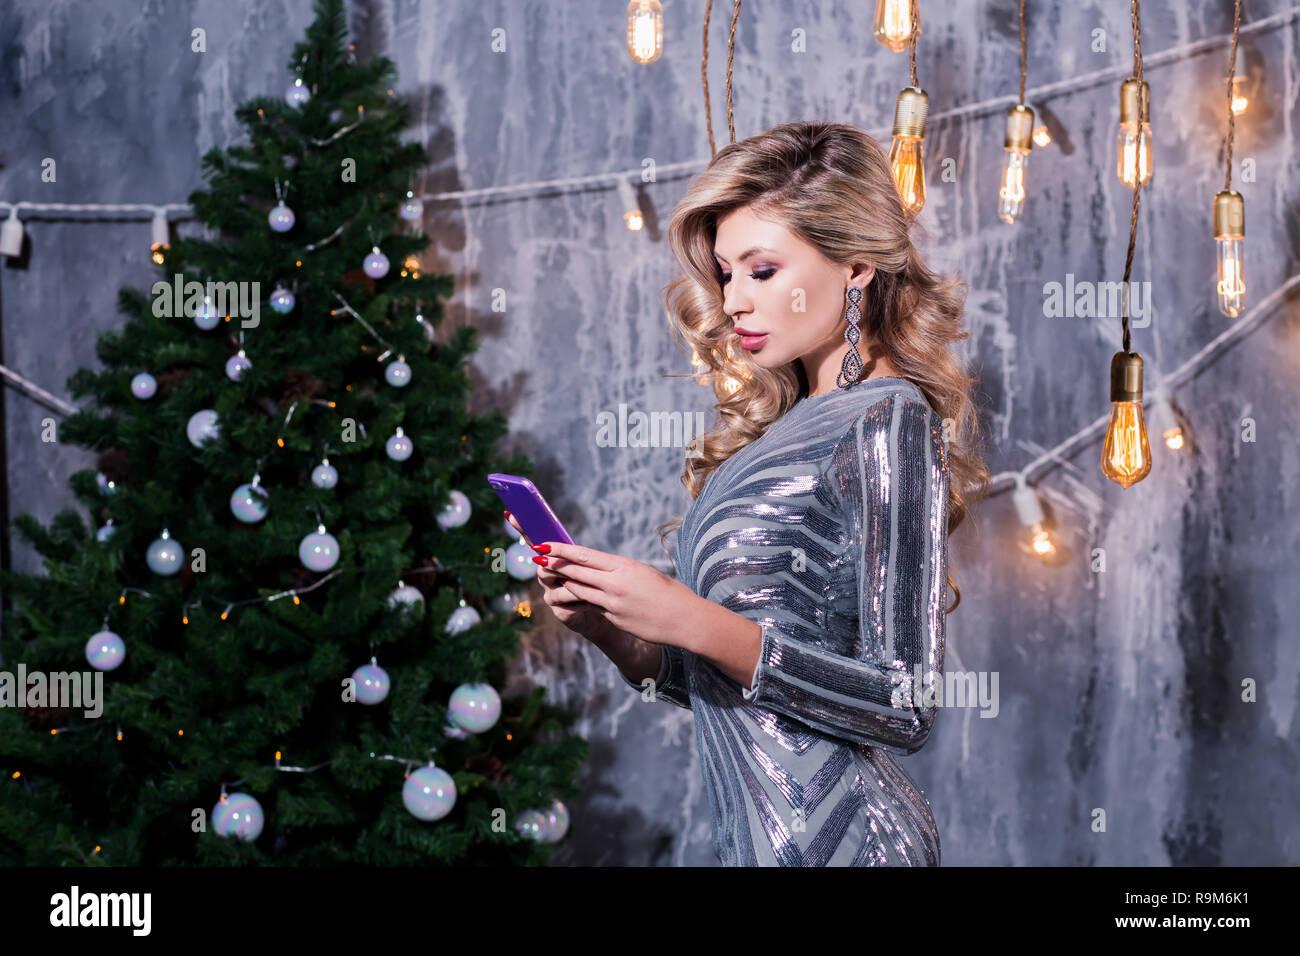 Weihnachtsgrüße Für Handys.Junge Frau Mit Handy In Loft Apartment Elegante Frau Mit Telefon Am